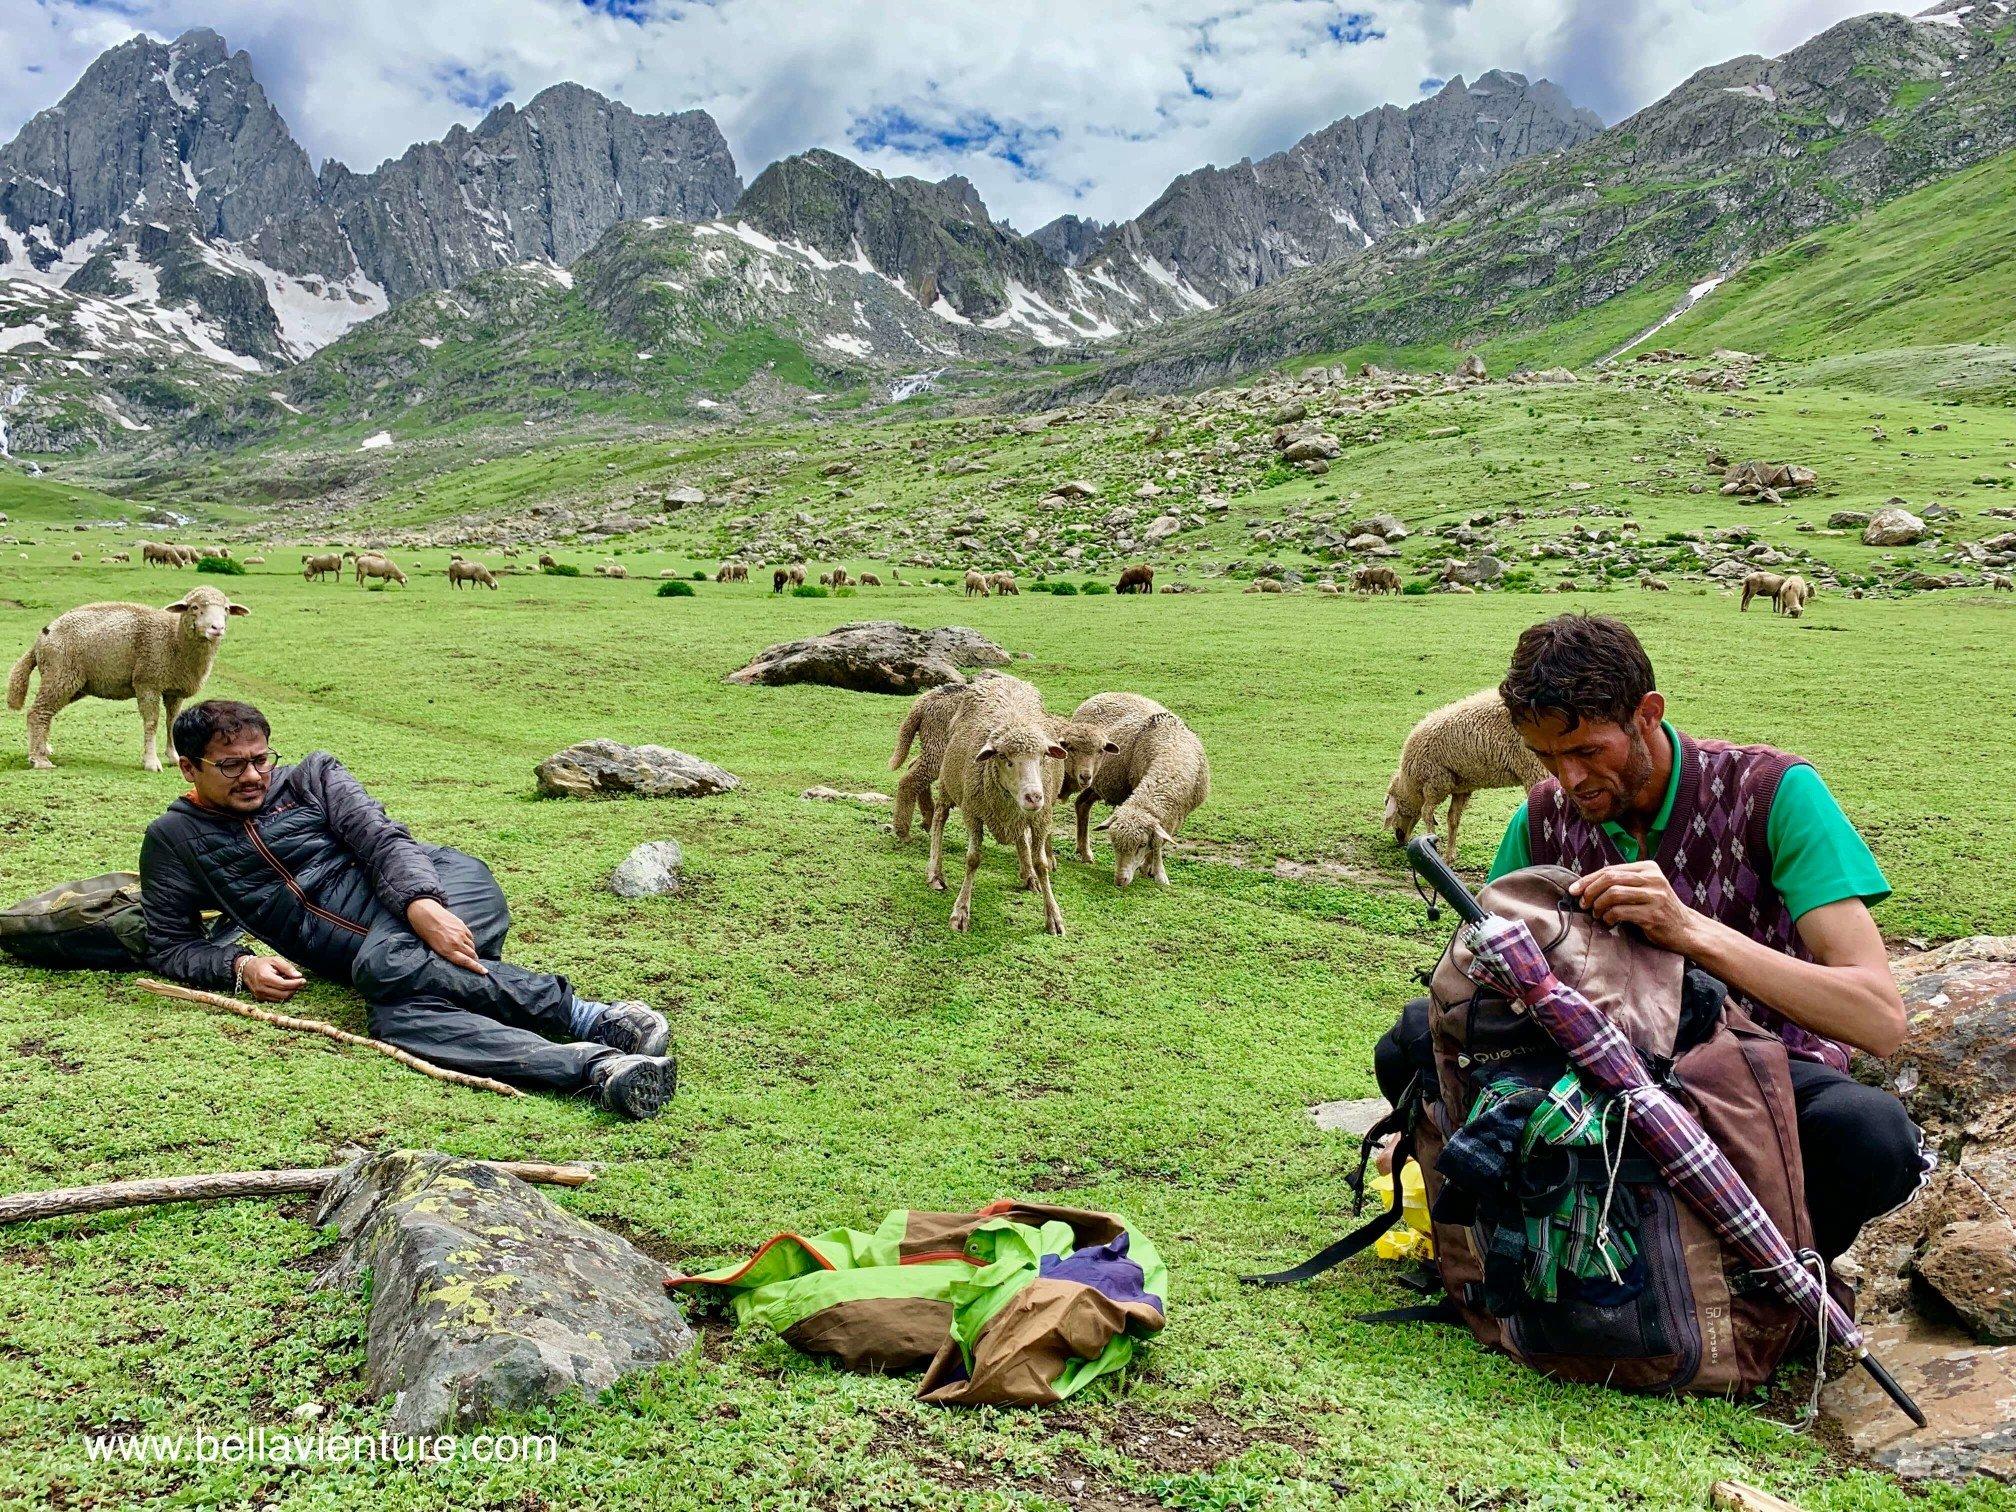 印度 India 北北印 North India 喀什米爾  Kashmir 八天七夜 健行 與導遊午休